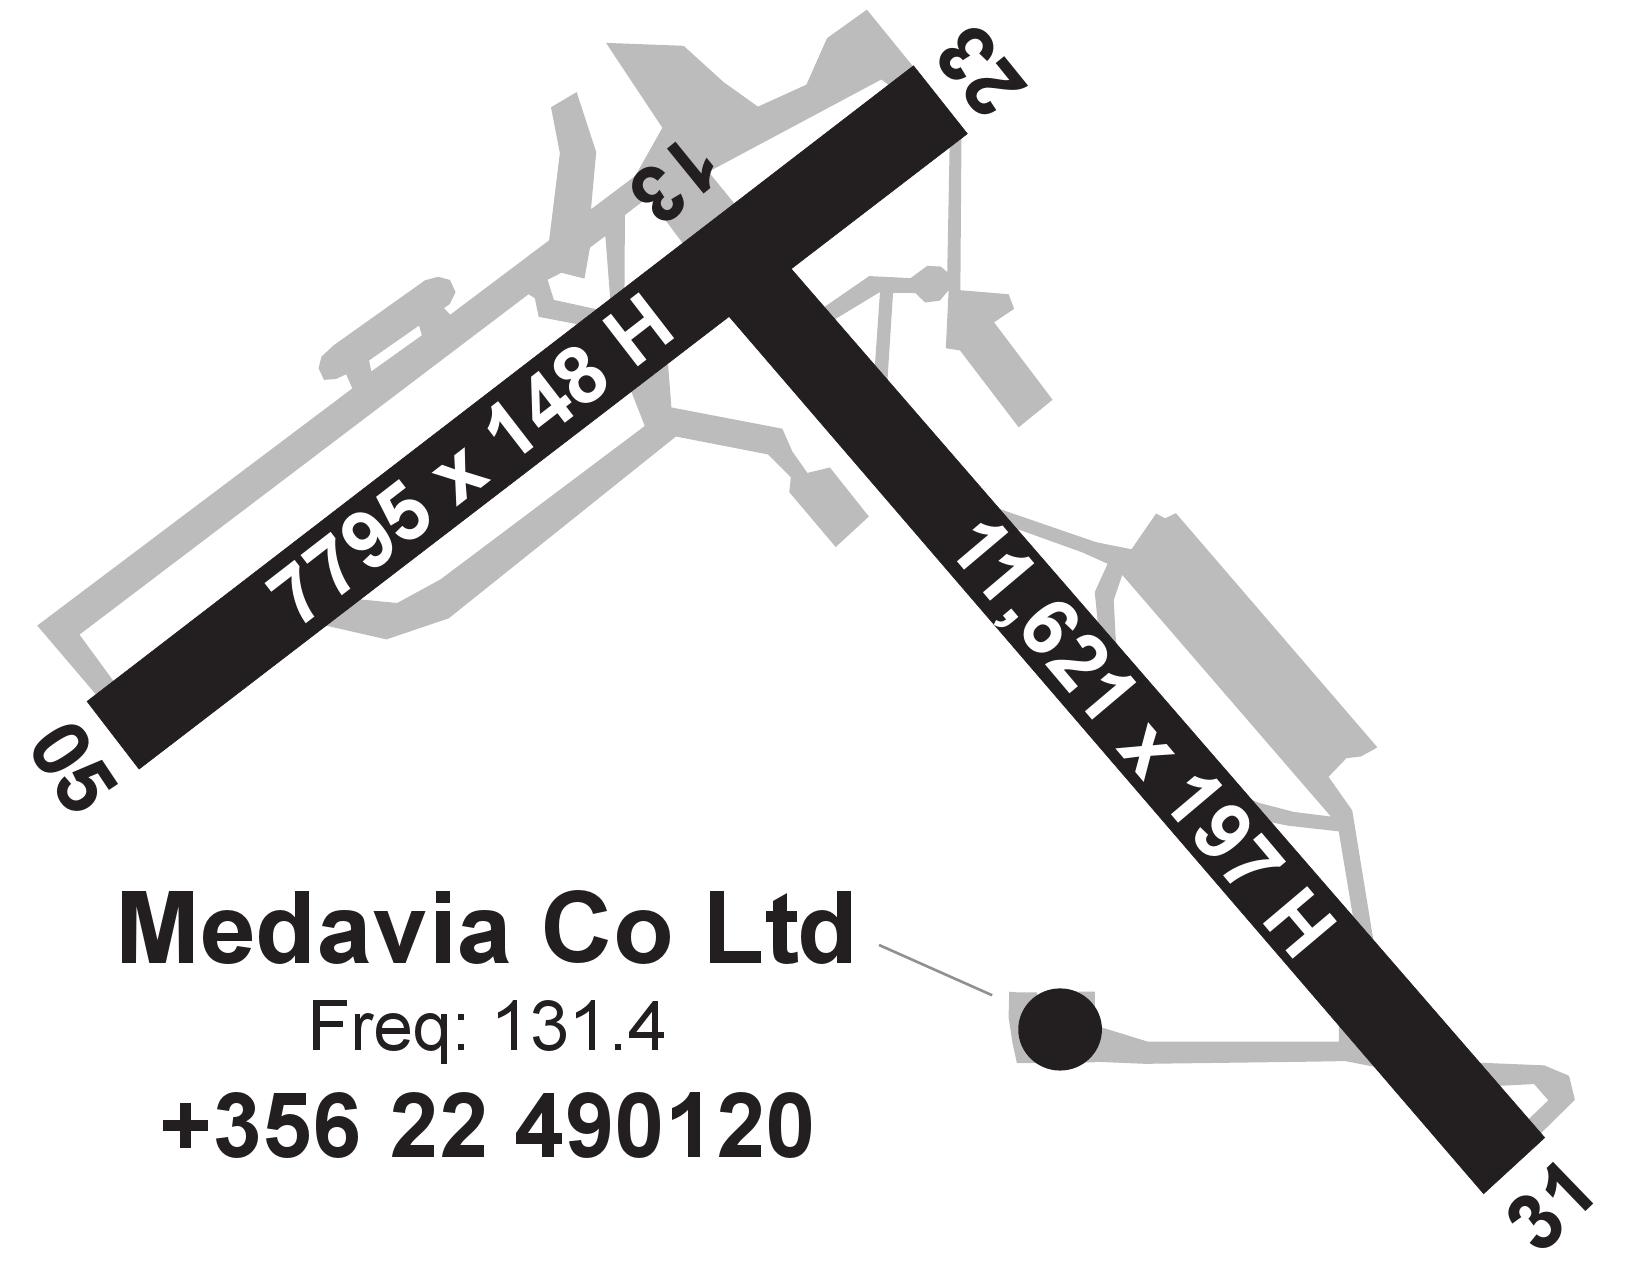 Medavia Co Ltd